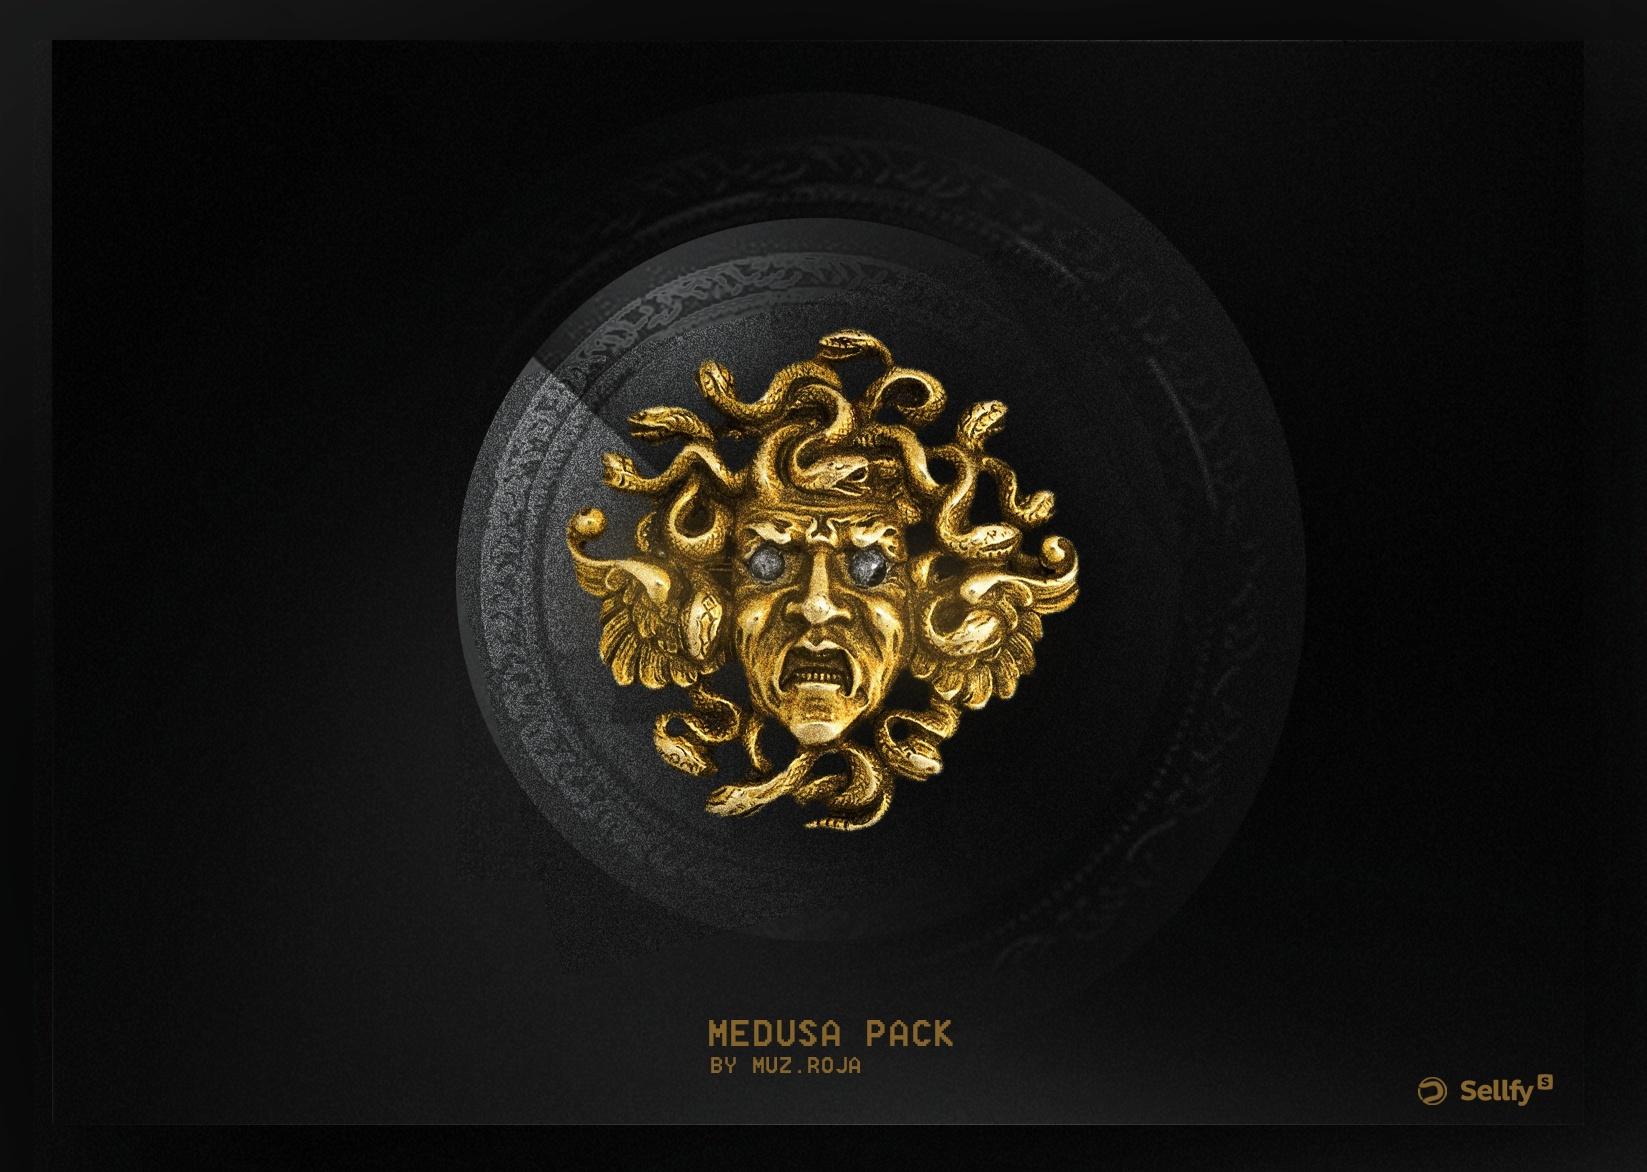 Medusa Pack